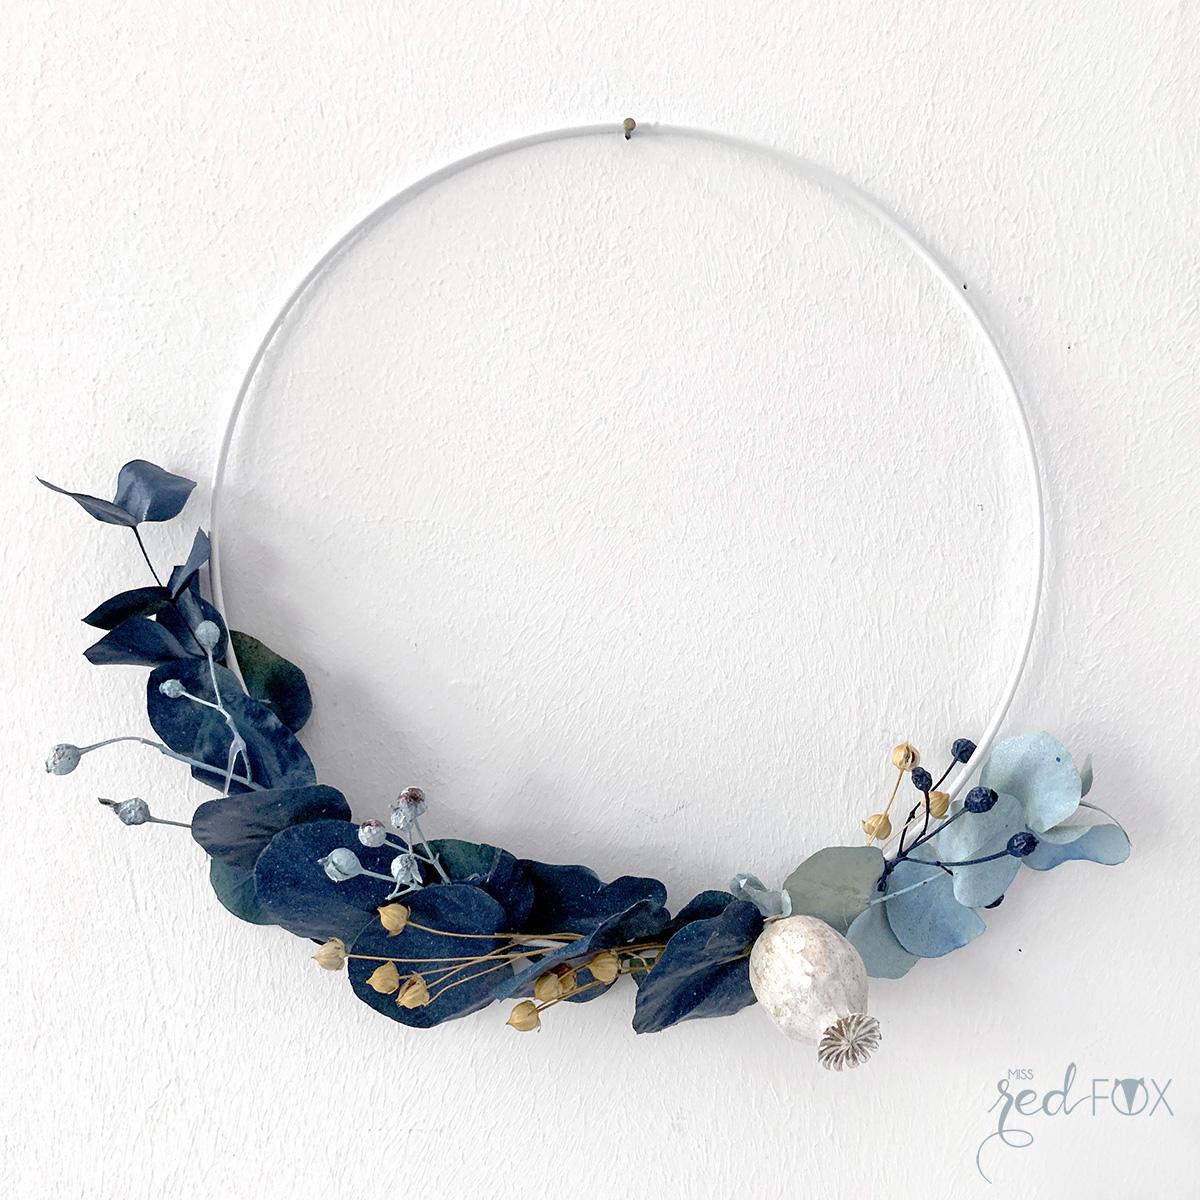 missredfox - 12giftswithlove 10 - Kranz aus trockenen Blumen - 06